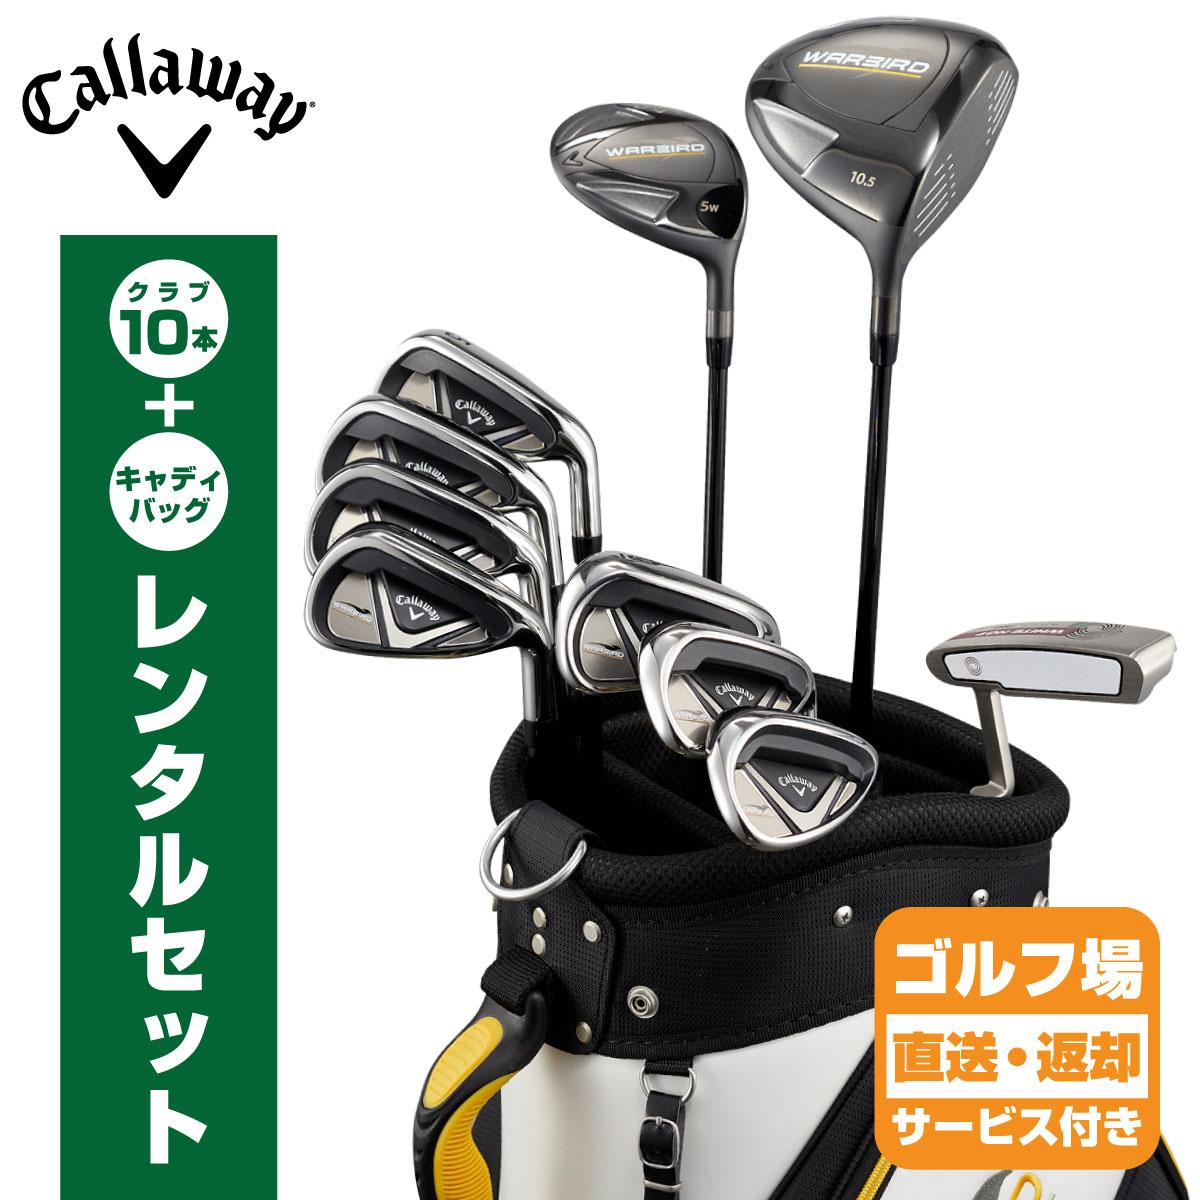 【レンタル】【ゴルフセット】キャロウェイ WARBIRD 2019キャディーバッグ+クラブ10本セット【ゴルフ場直送・返却OK】【メンズ】